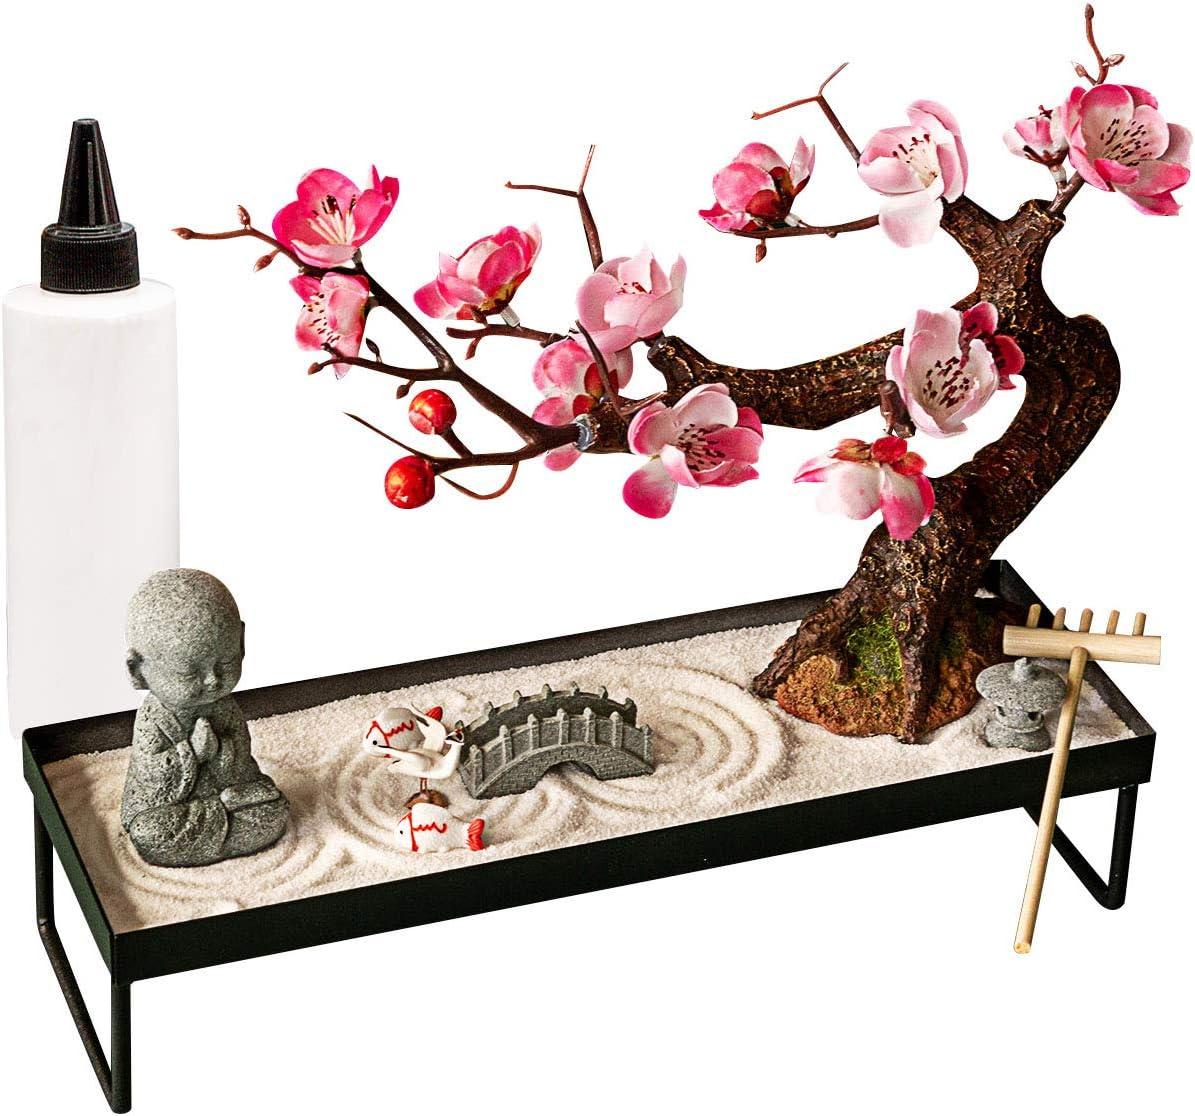 Japanese Zen Garden Meditation Gifts – Home Office Zen Decor Zen Gifts for Women Lady Friends – Rock Sand Bonsai Zen Garden for Desk Decoration – DIY Stress Relief Gifts for Mon Mather